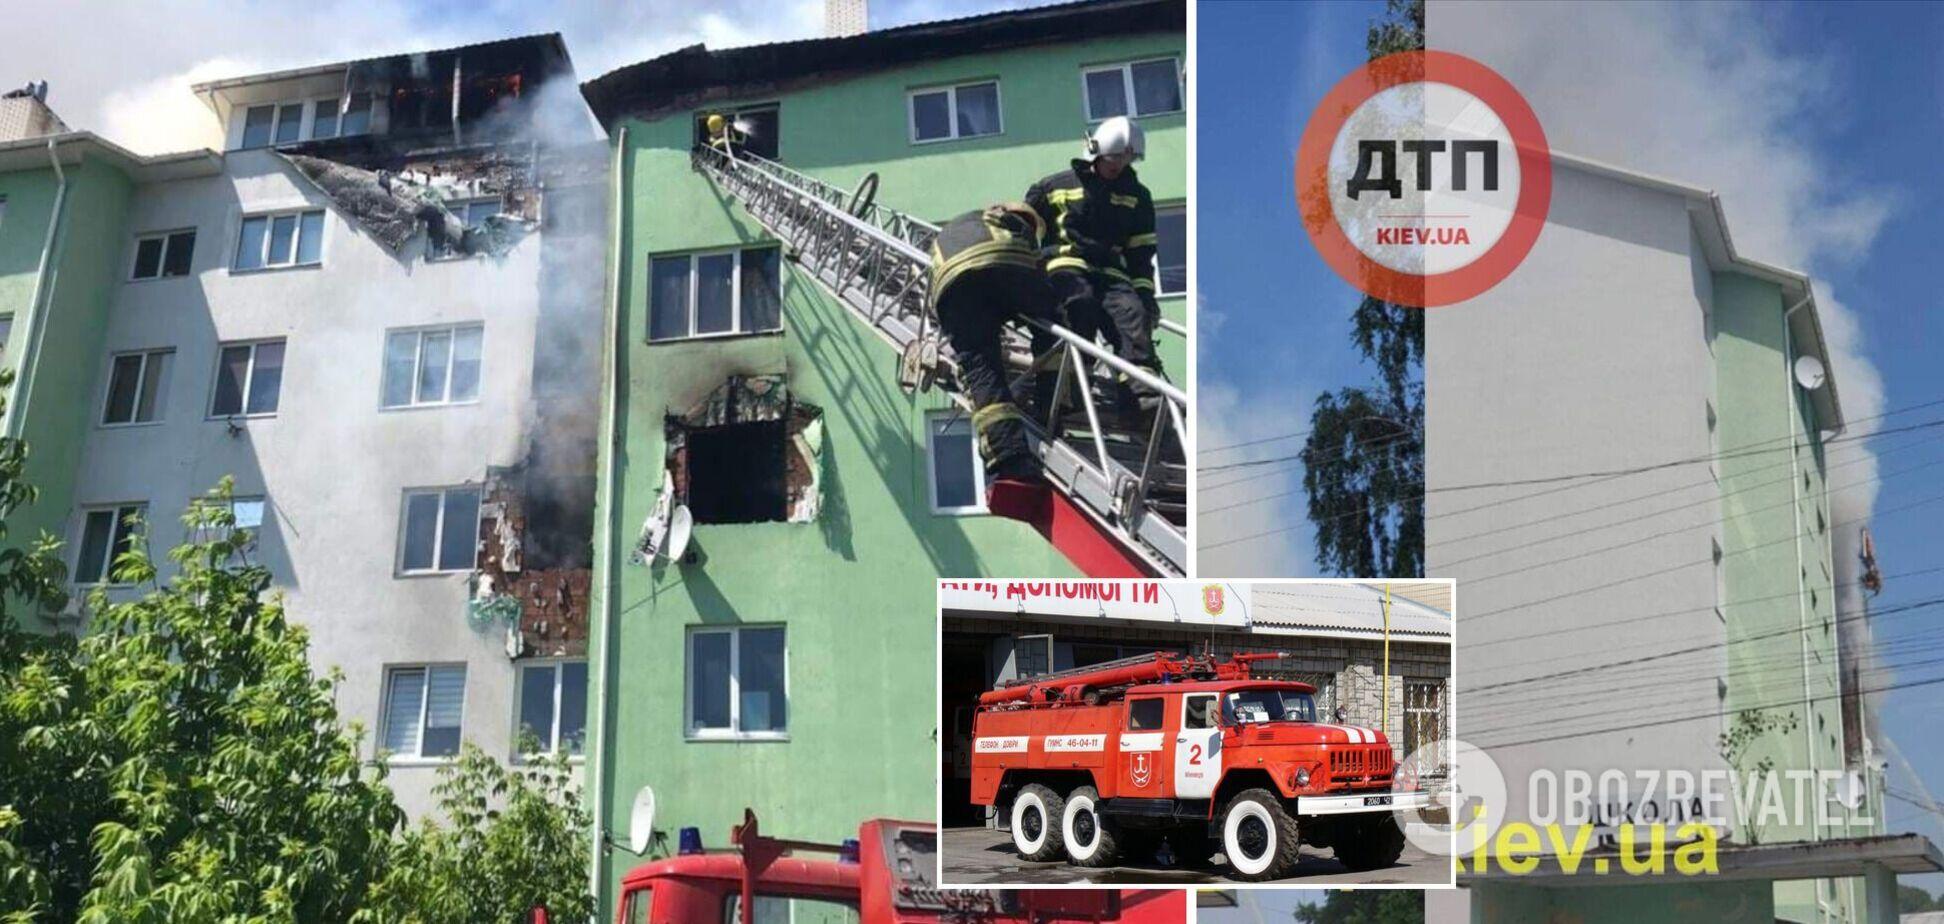 Під Києвом у пожежі в багатоповерхівці загинуло двоє: розглядається версія підриву. Фото та відео